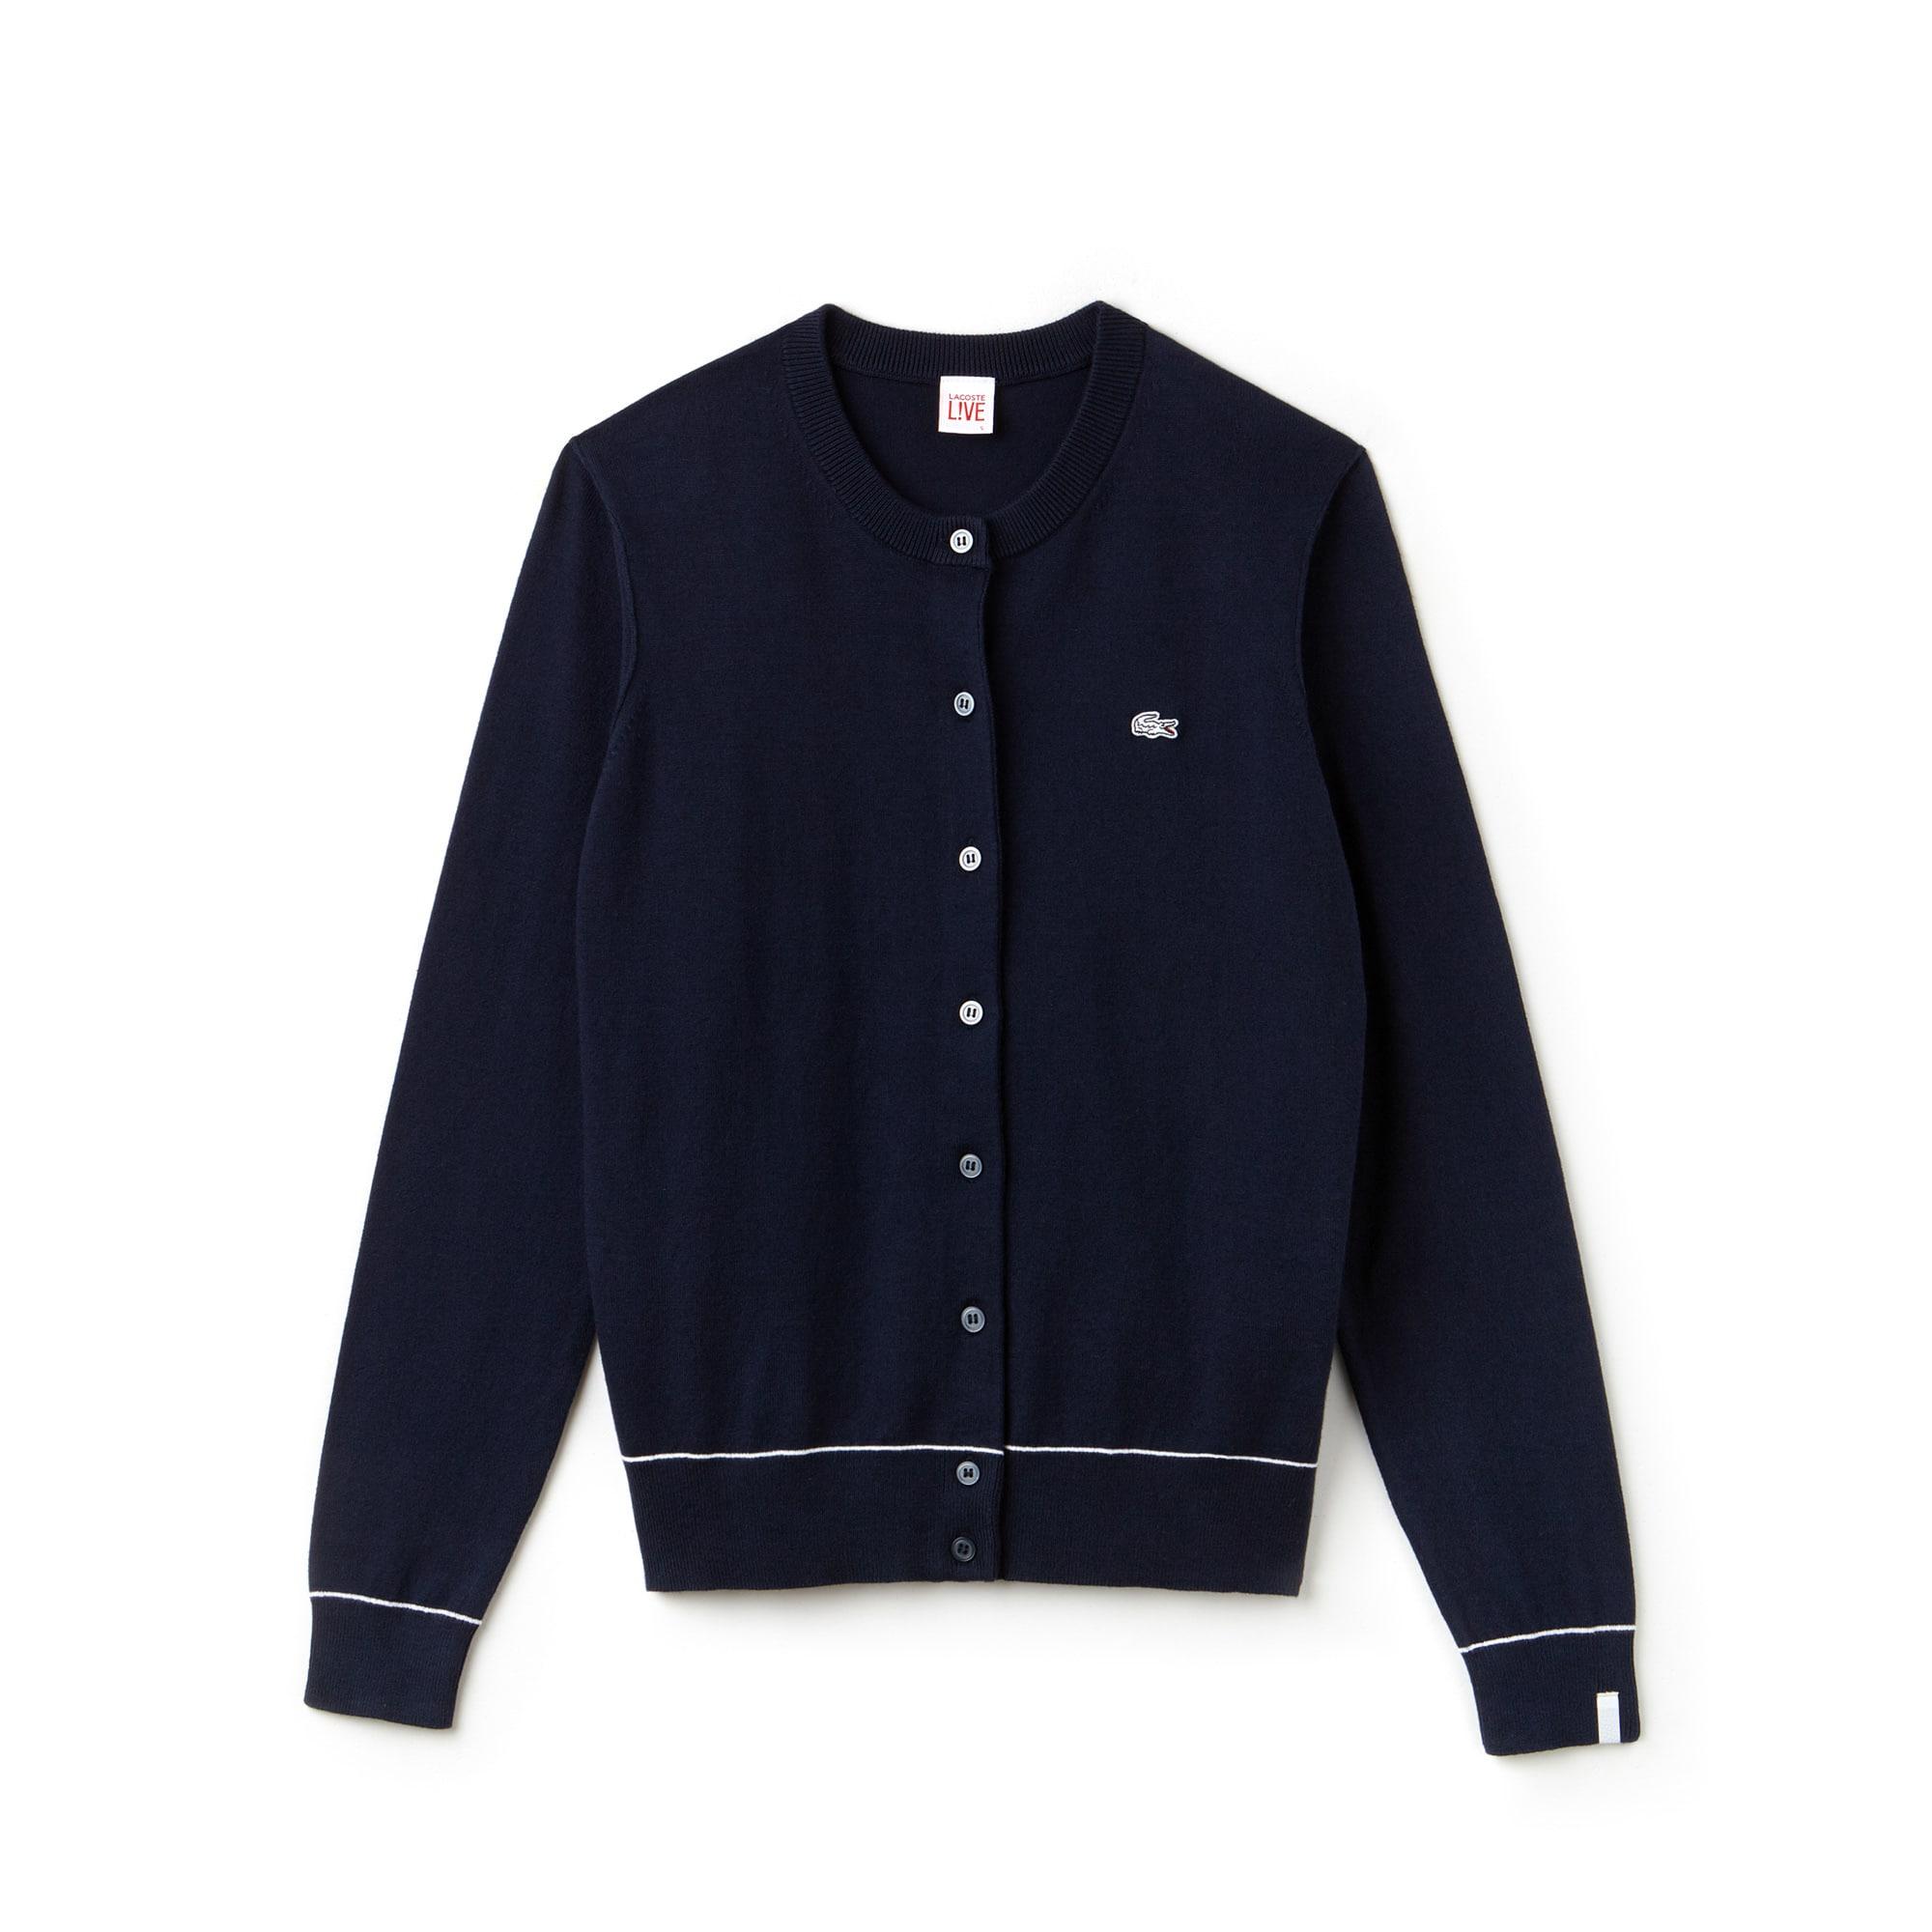 Casaco de malha com decote redondo Lacoste LIVE em jersey de algodão e seda unicolor